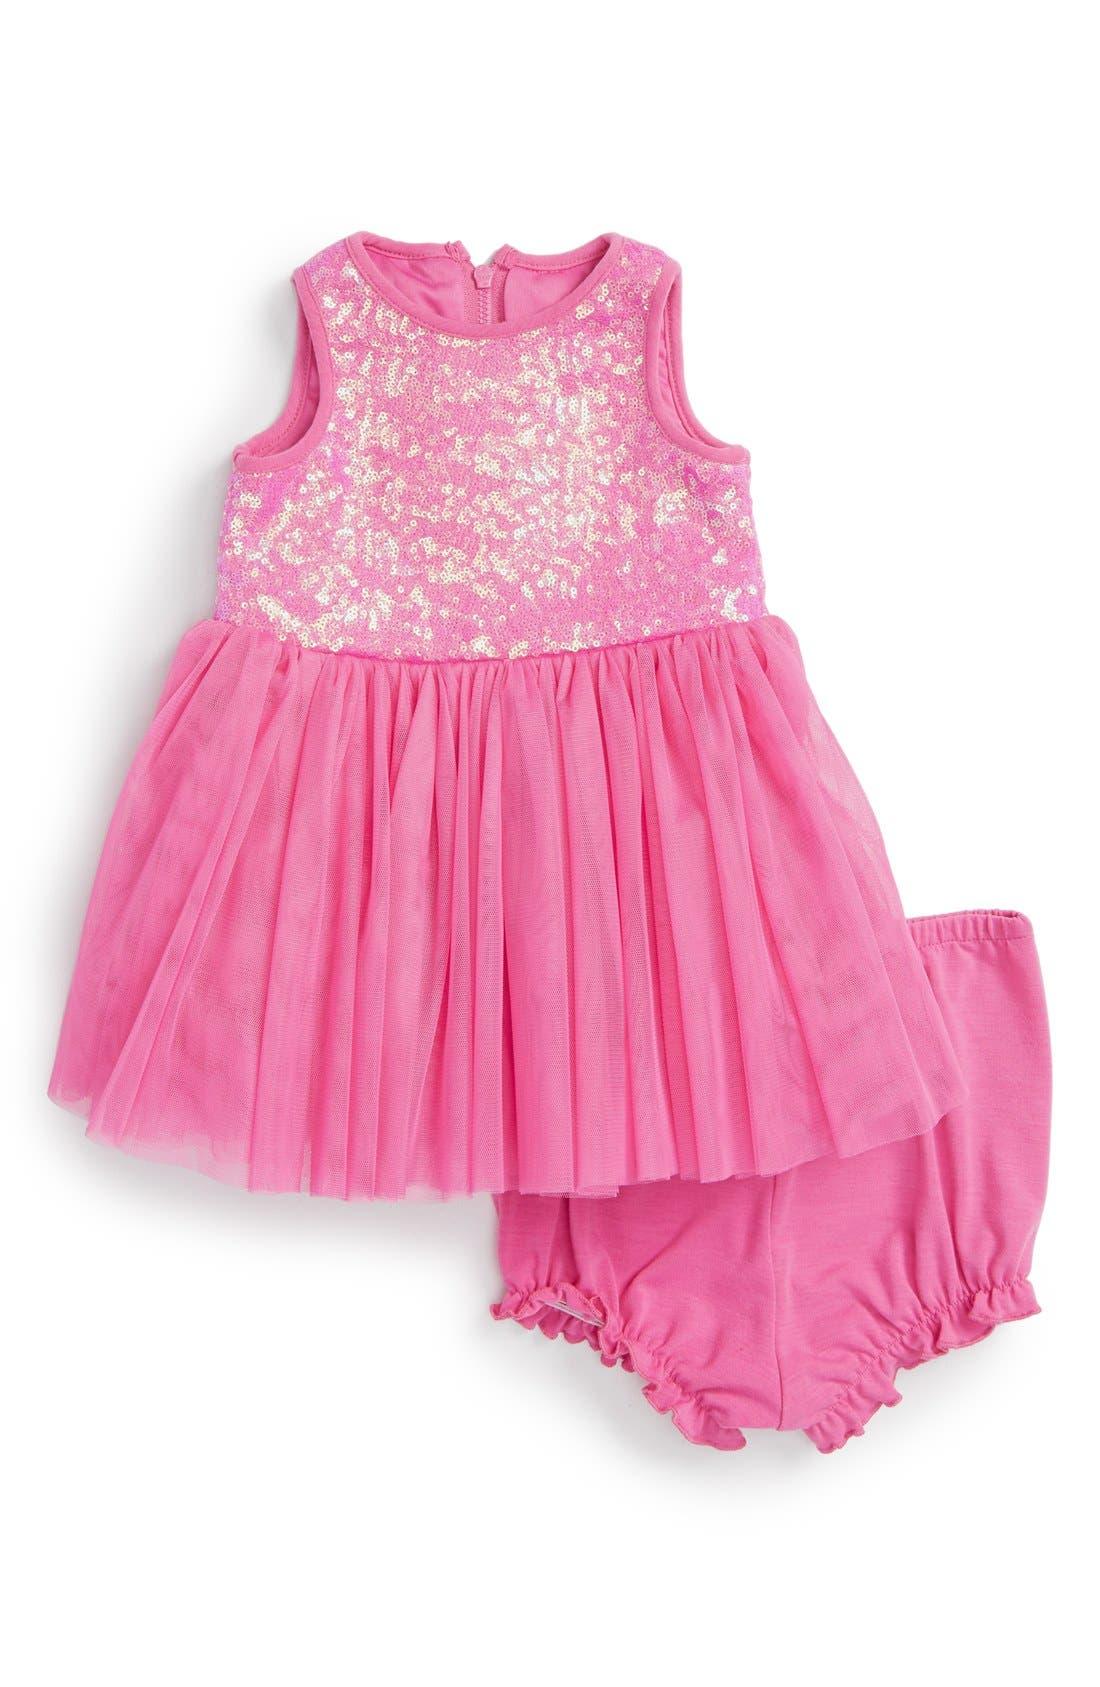 Pippa & Julie Birthday Sequin Dress Baby Girls